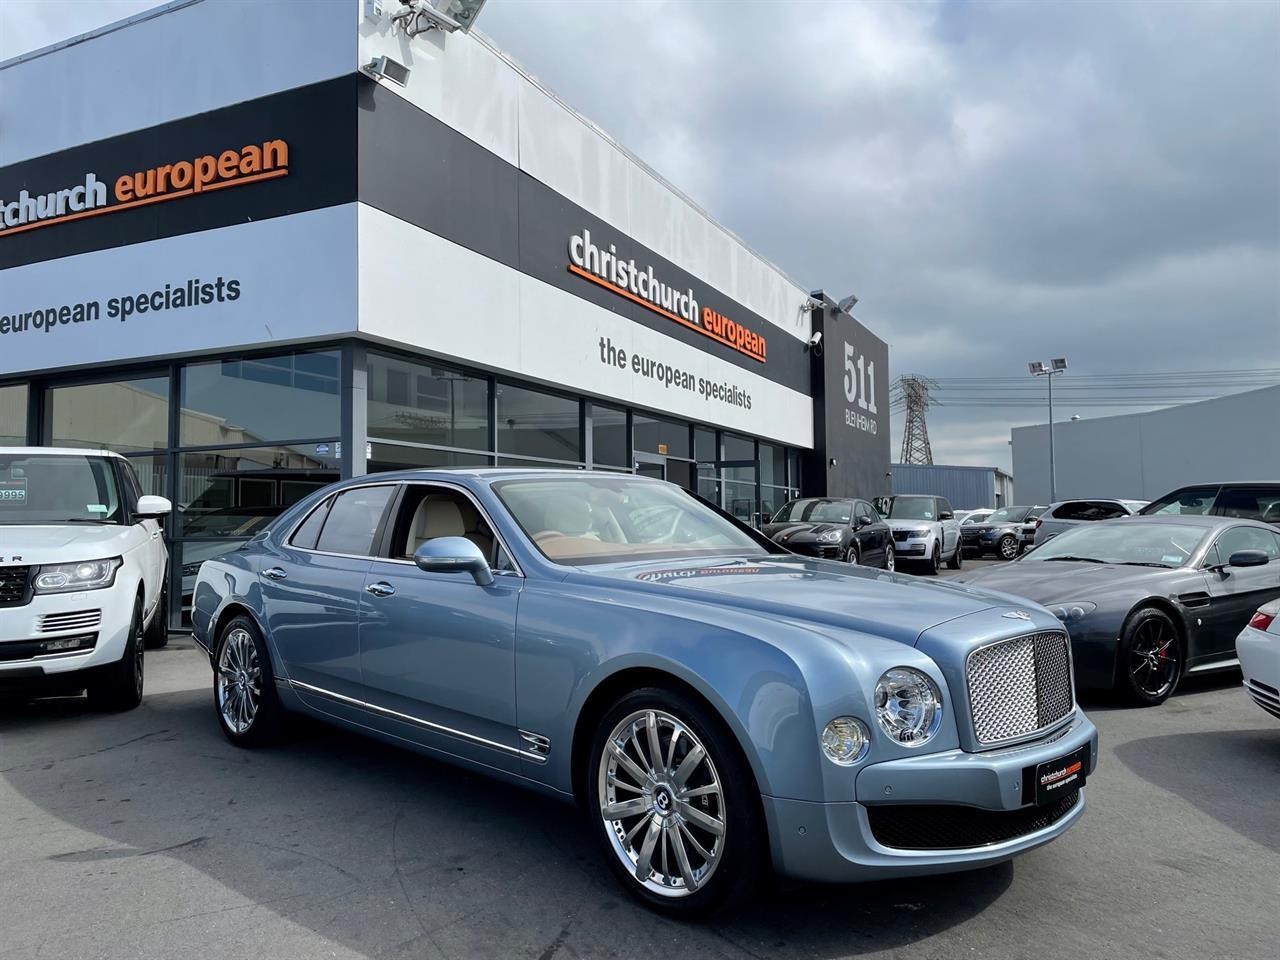 image-0, 2014 Bentley Mulsanne 6.7 V8 Turbo Mulliner at Christchurch